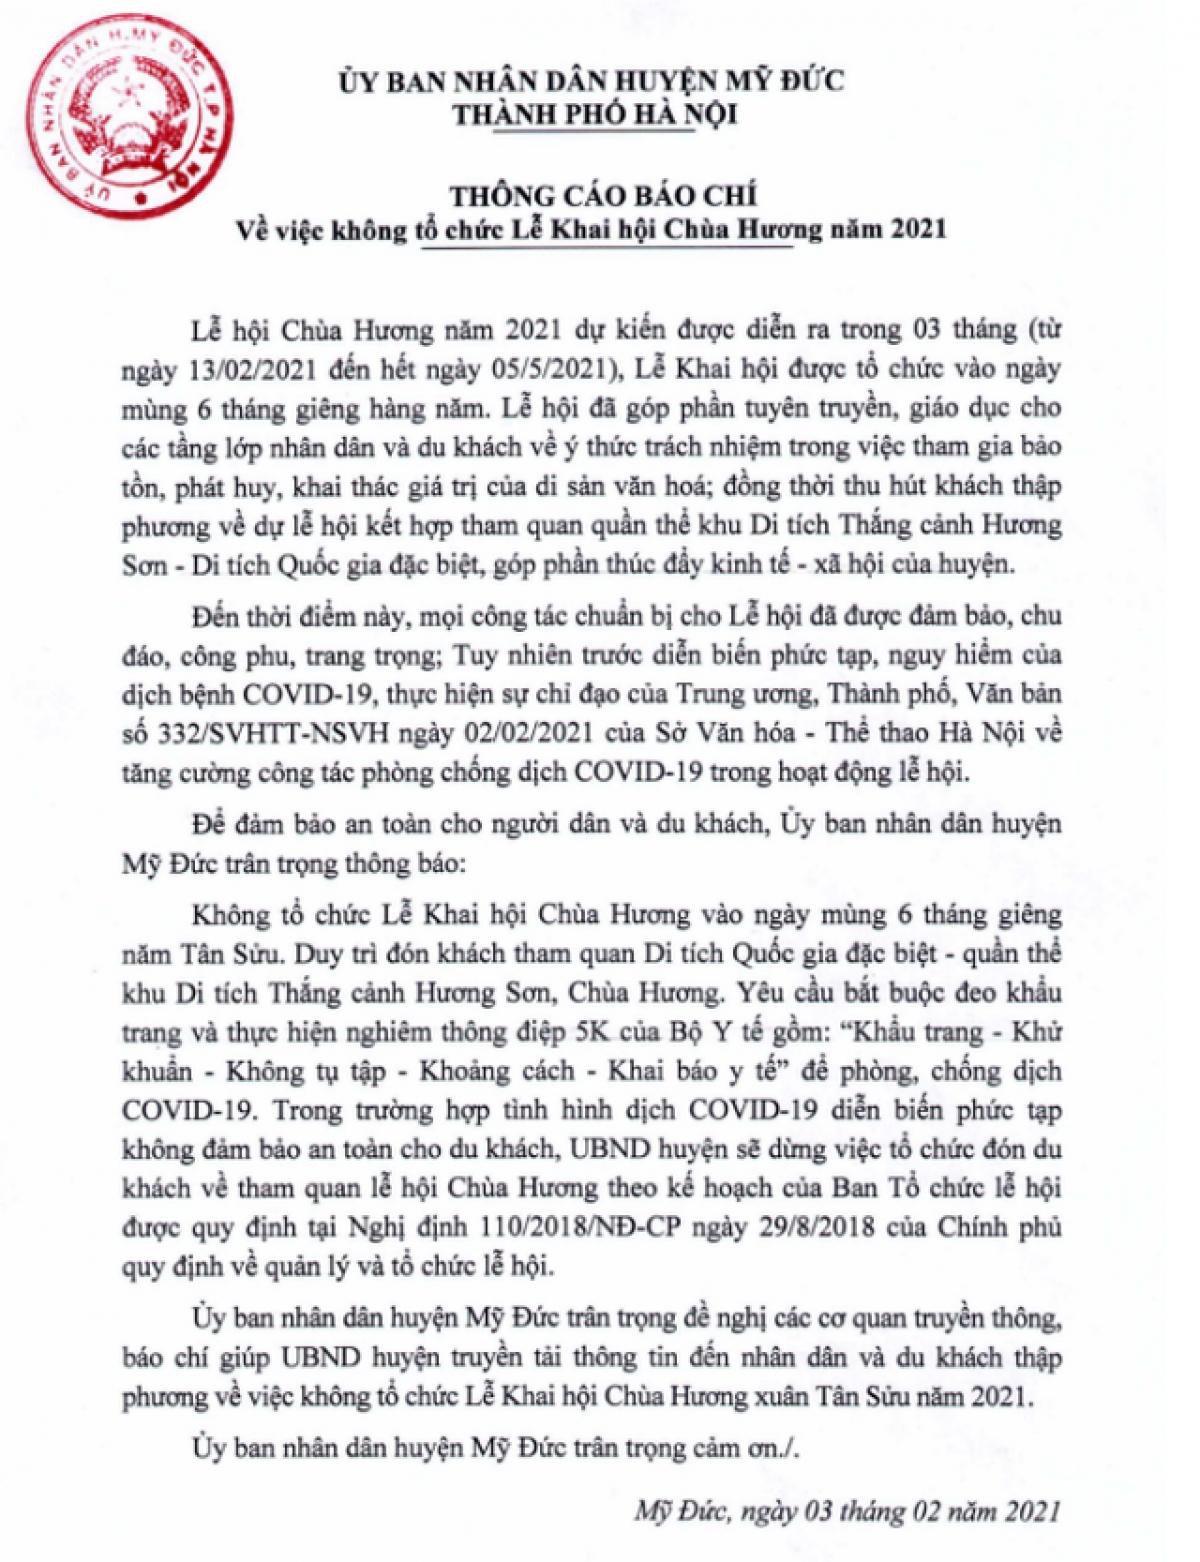 Không tổ chức lễ Khai hội Chùa Hương 2021 ảnh 1